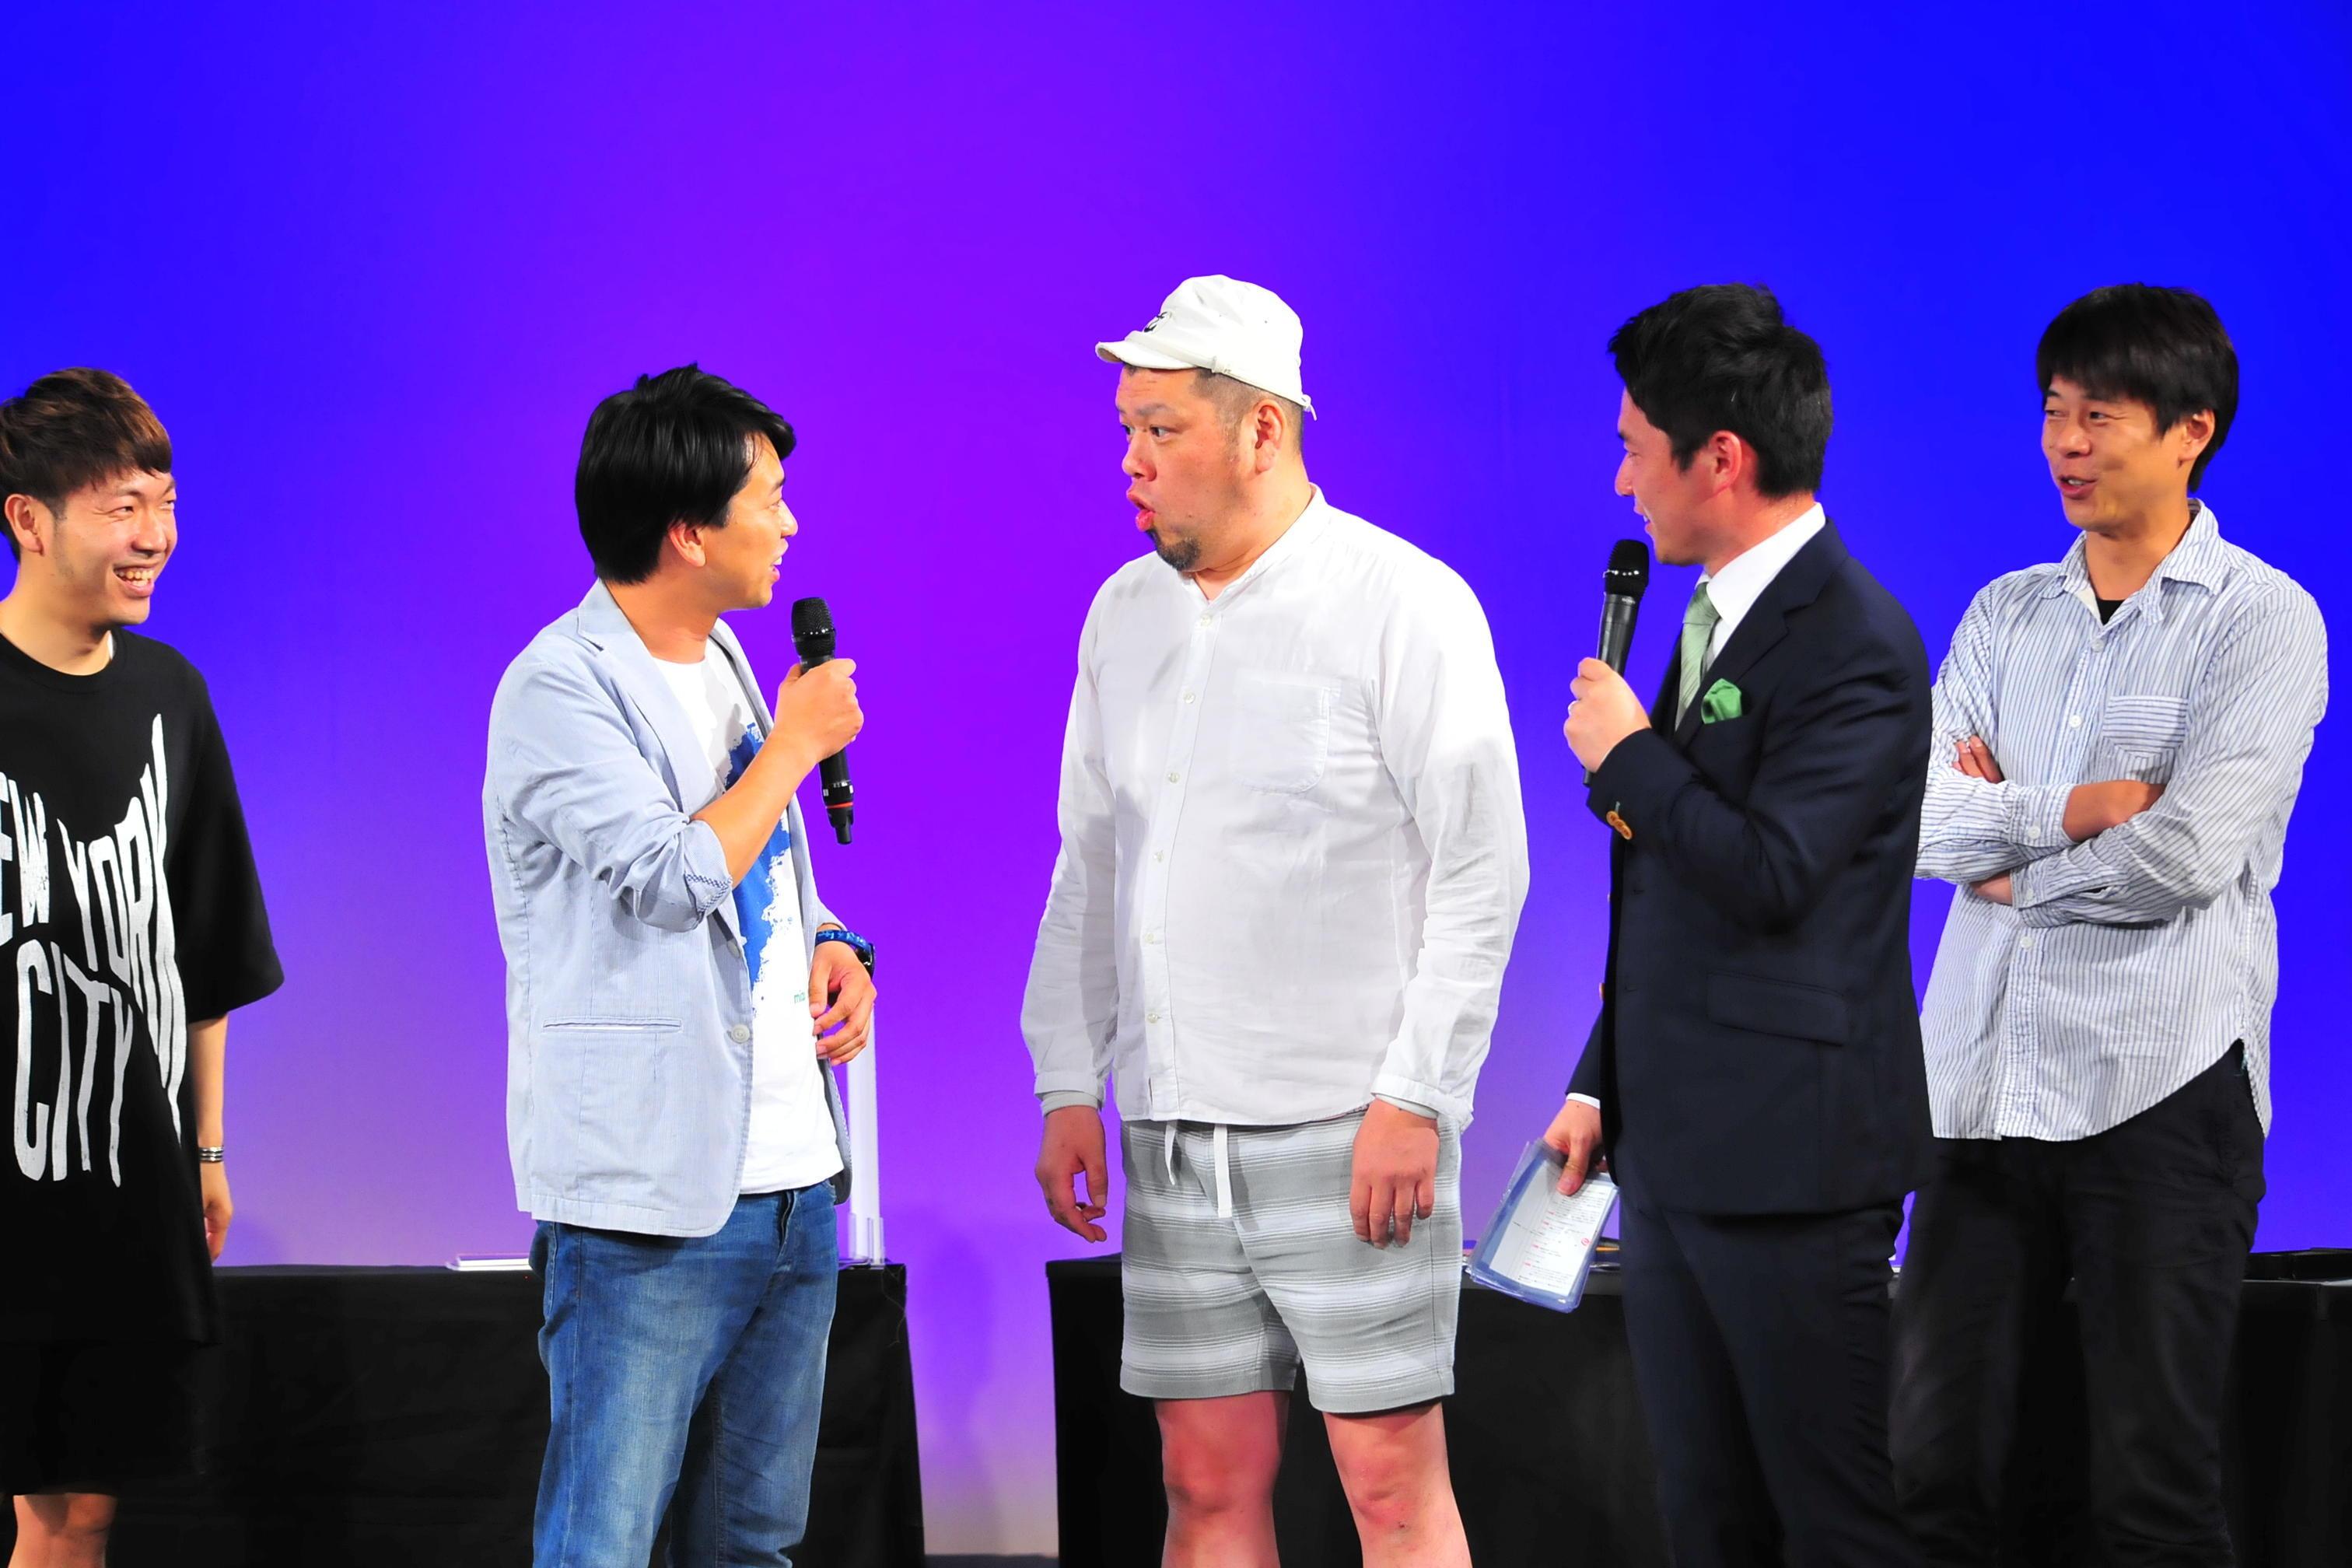 http://news.yoshimoto.co.jp/20160516144231-d9144fc597c3d31cc916a77d74483f5f59eee1d3.jpg